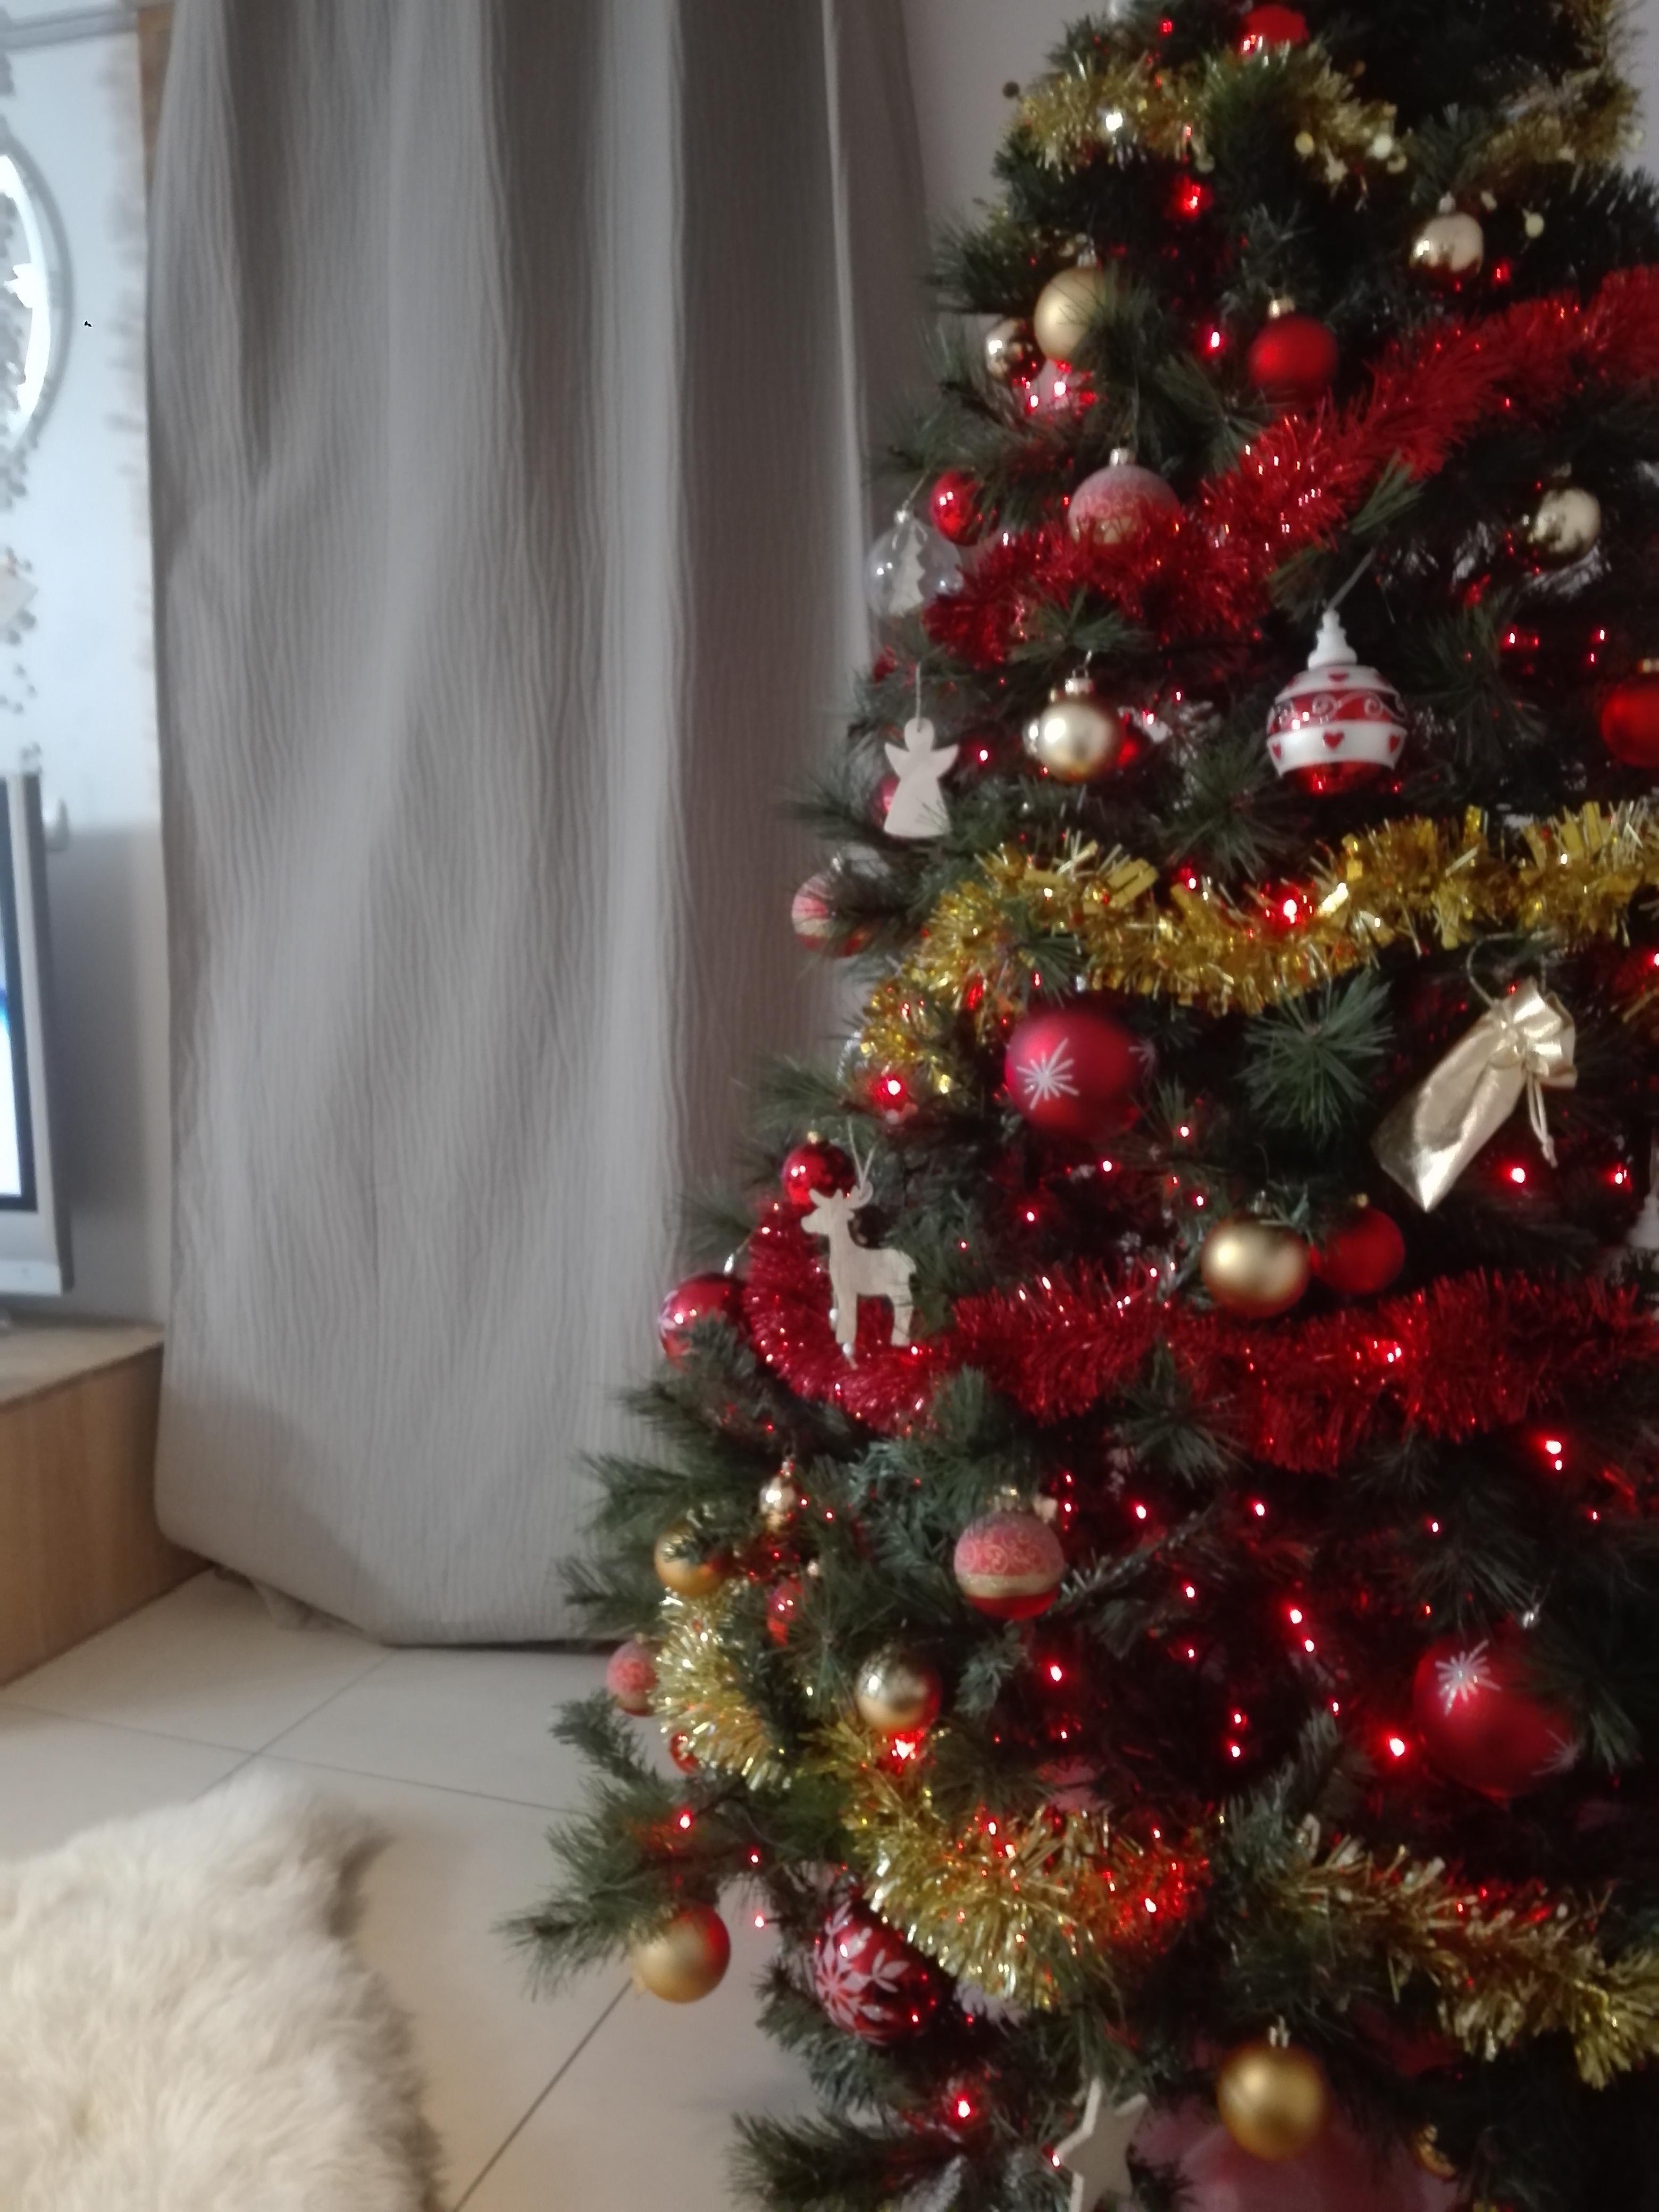 Sapin De Noel Decoration Traditionnelle dans quel ordre faut-il décorer son sapin de noël ? boules